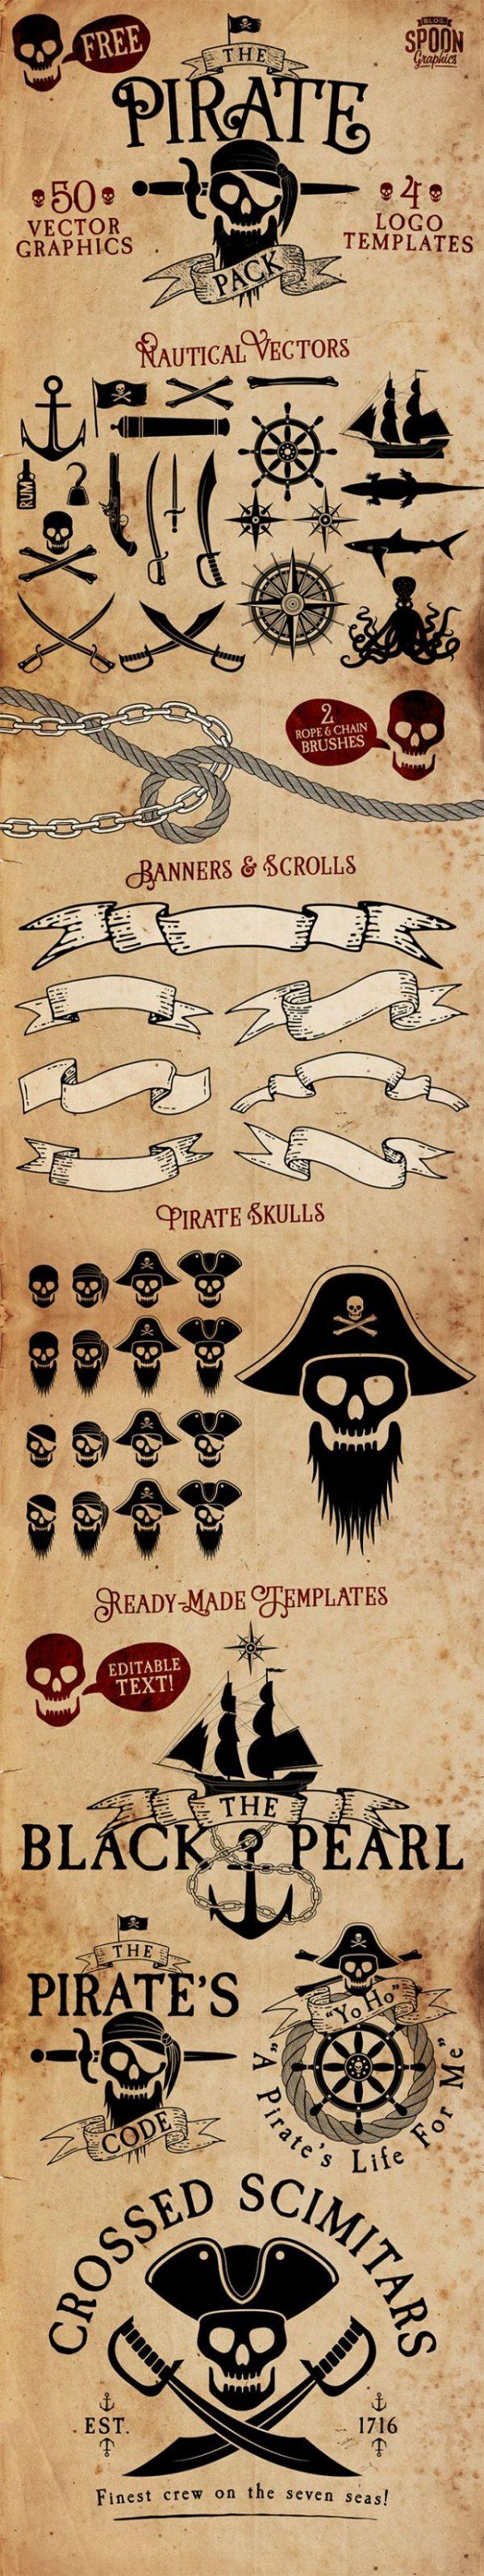 pirate-pack-600x3193 海賊をテーマにしたFREEベクターイラスト素材集